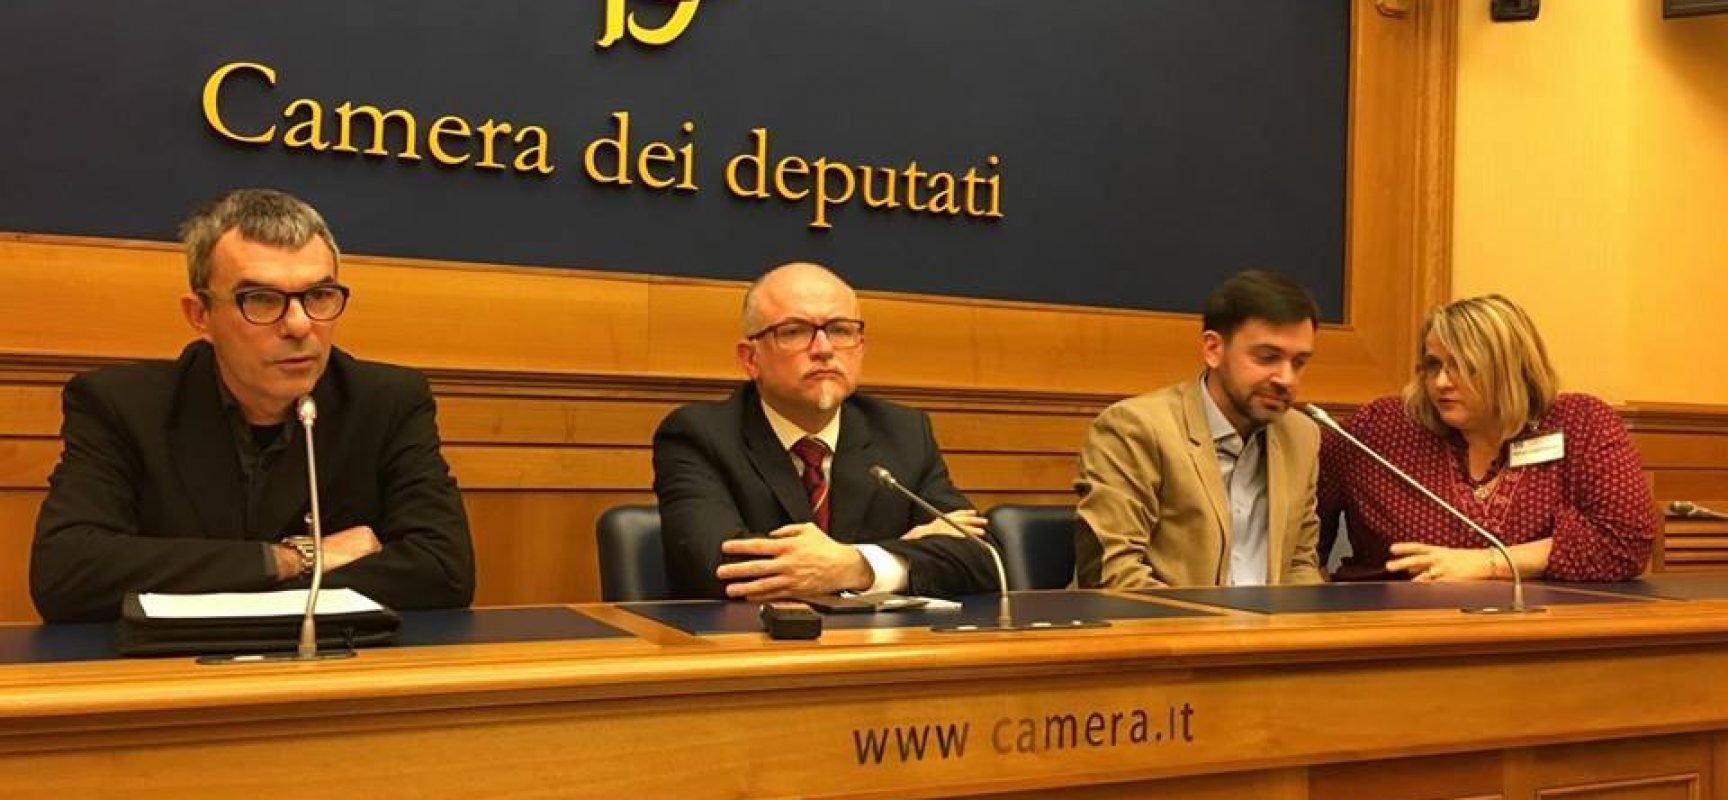 Conferenza stampa di stopfake alla camera dei deputati for Camera deputati rassegna stampa